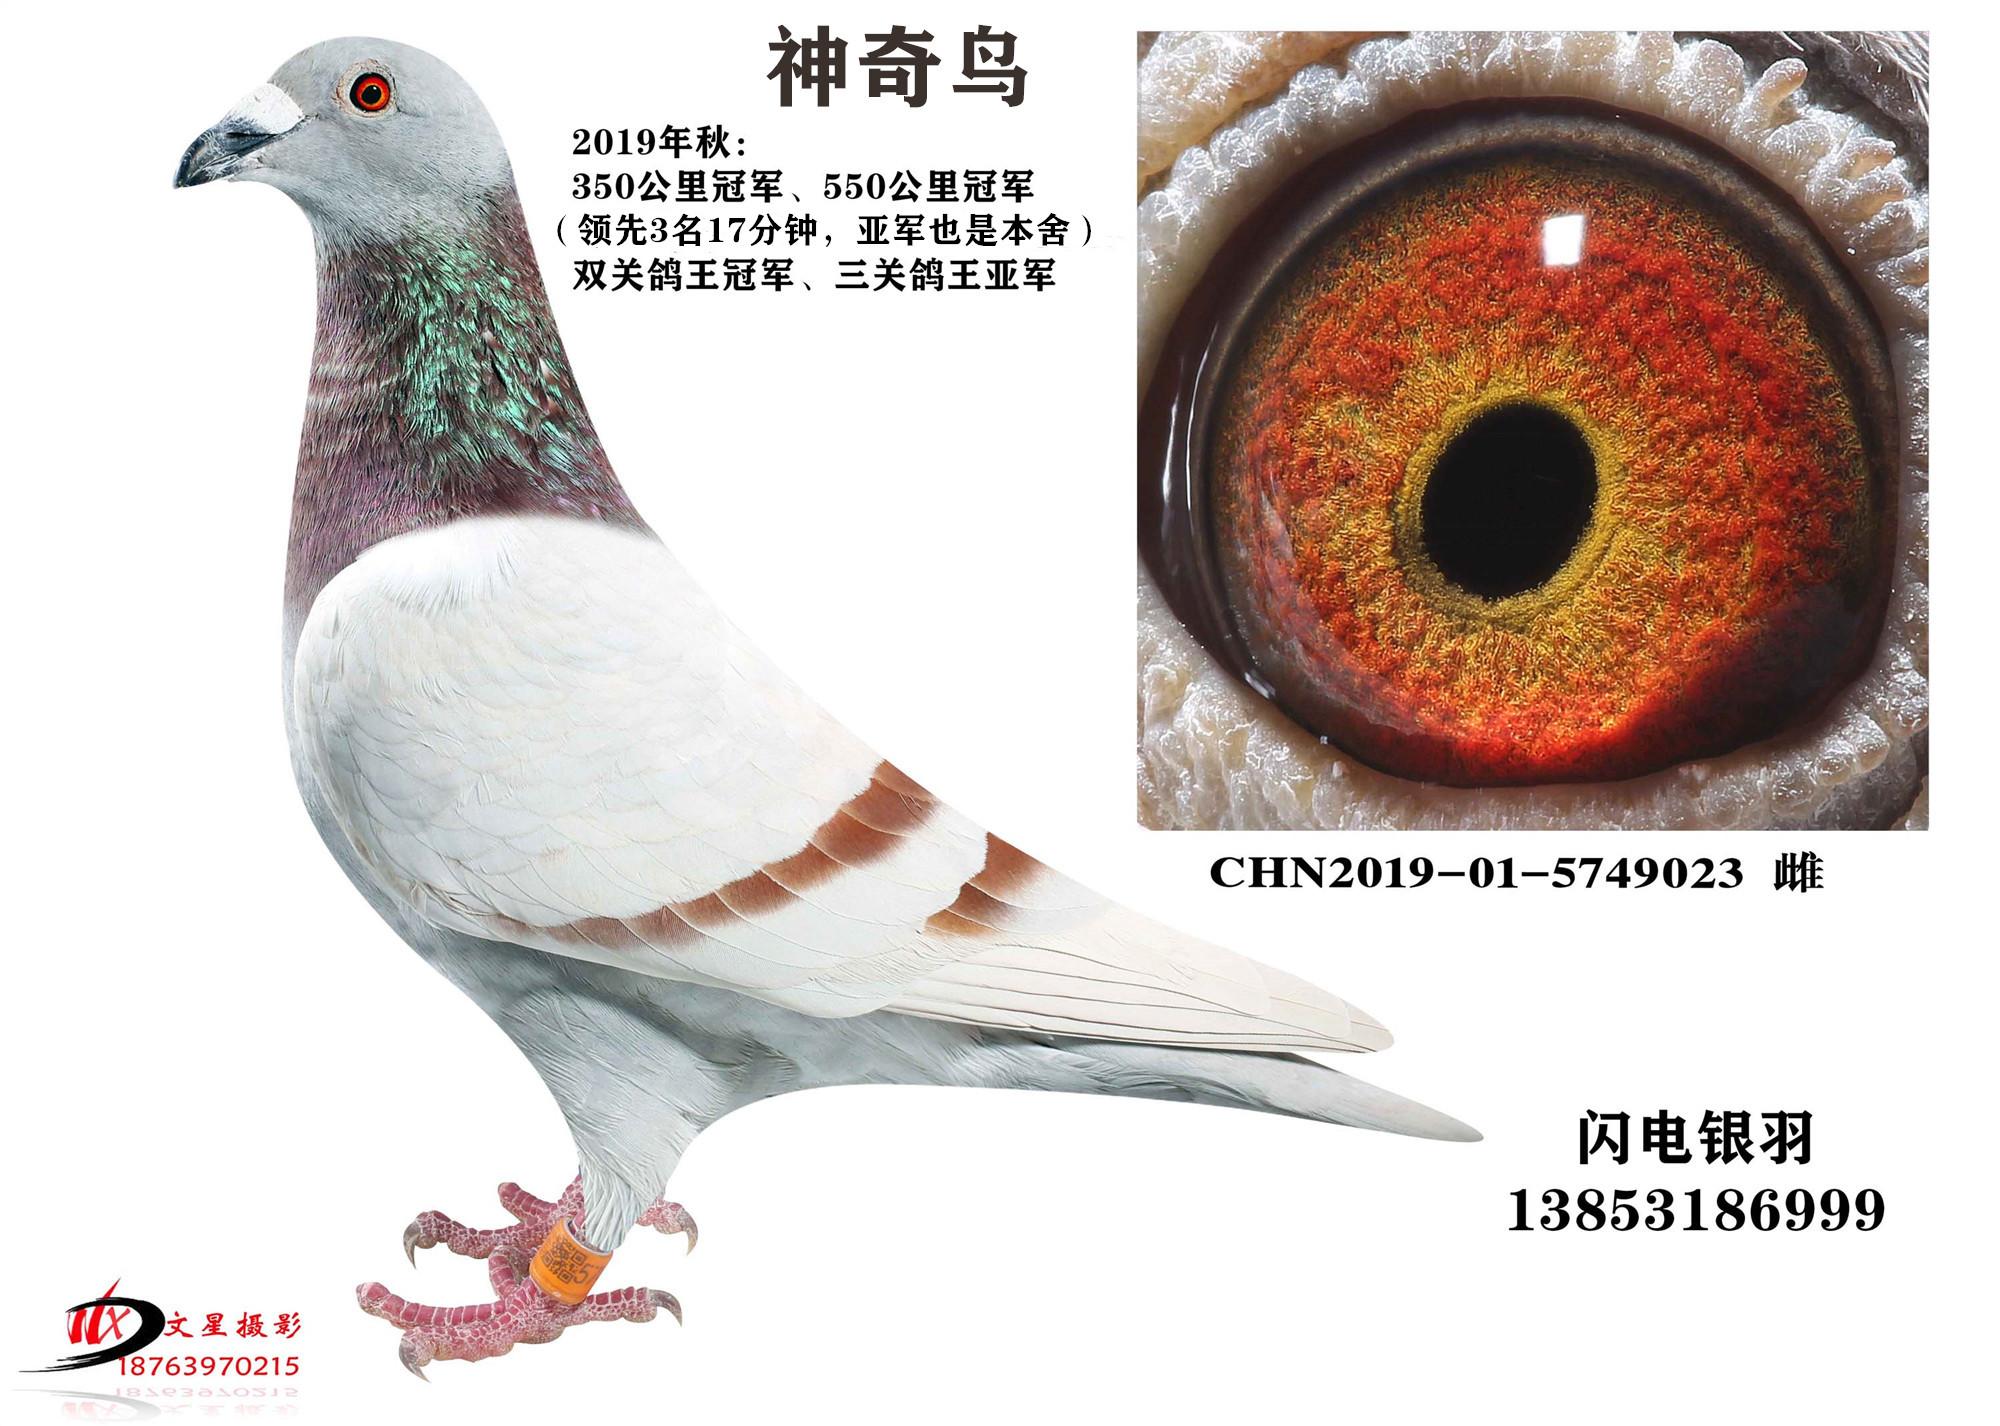 神奇鸟(双关冠军、三关亚军)